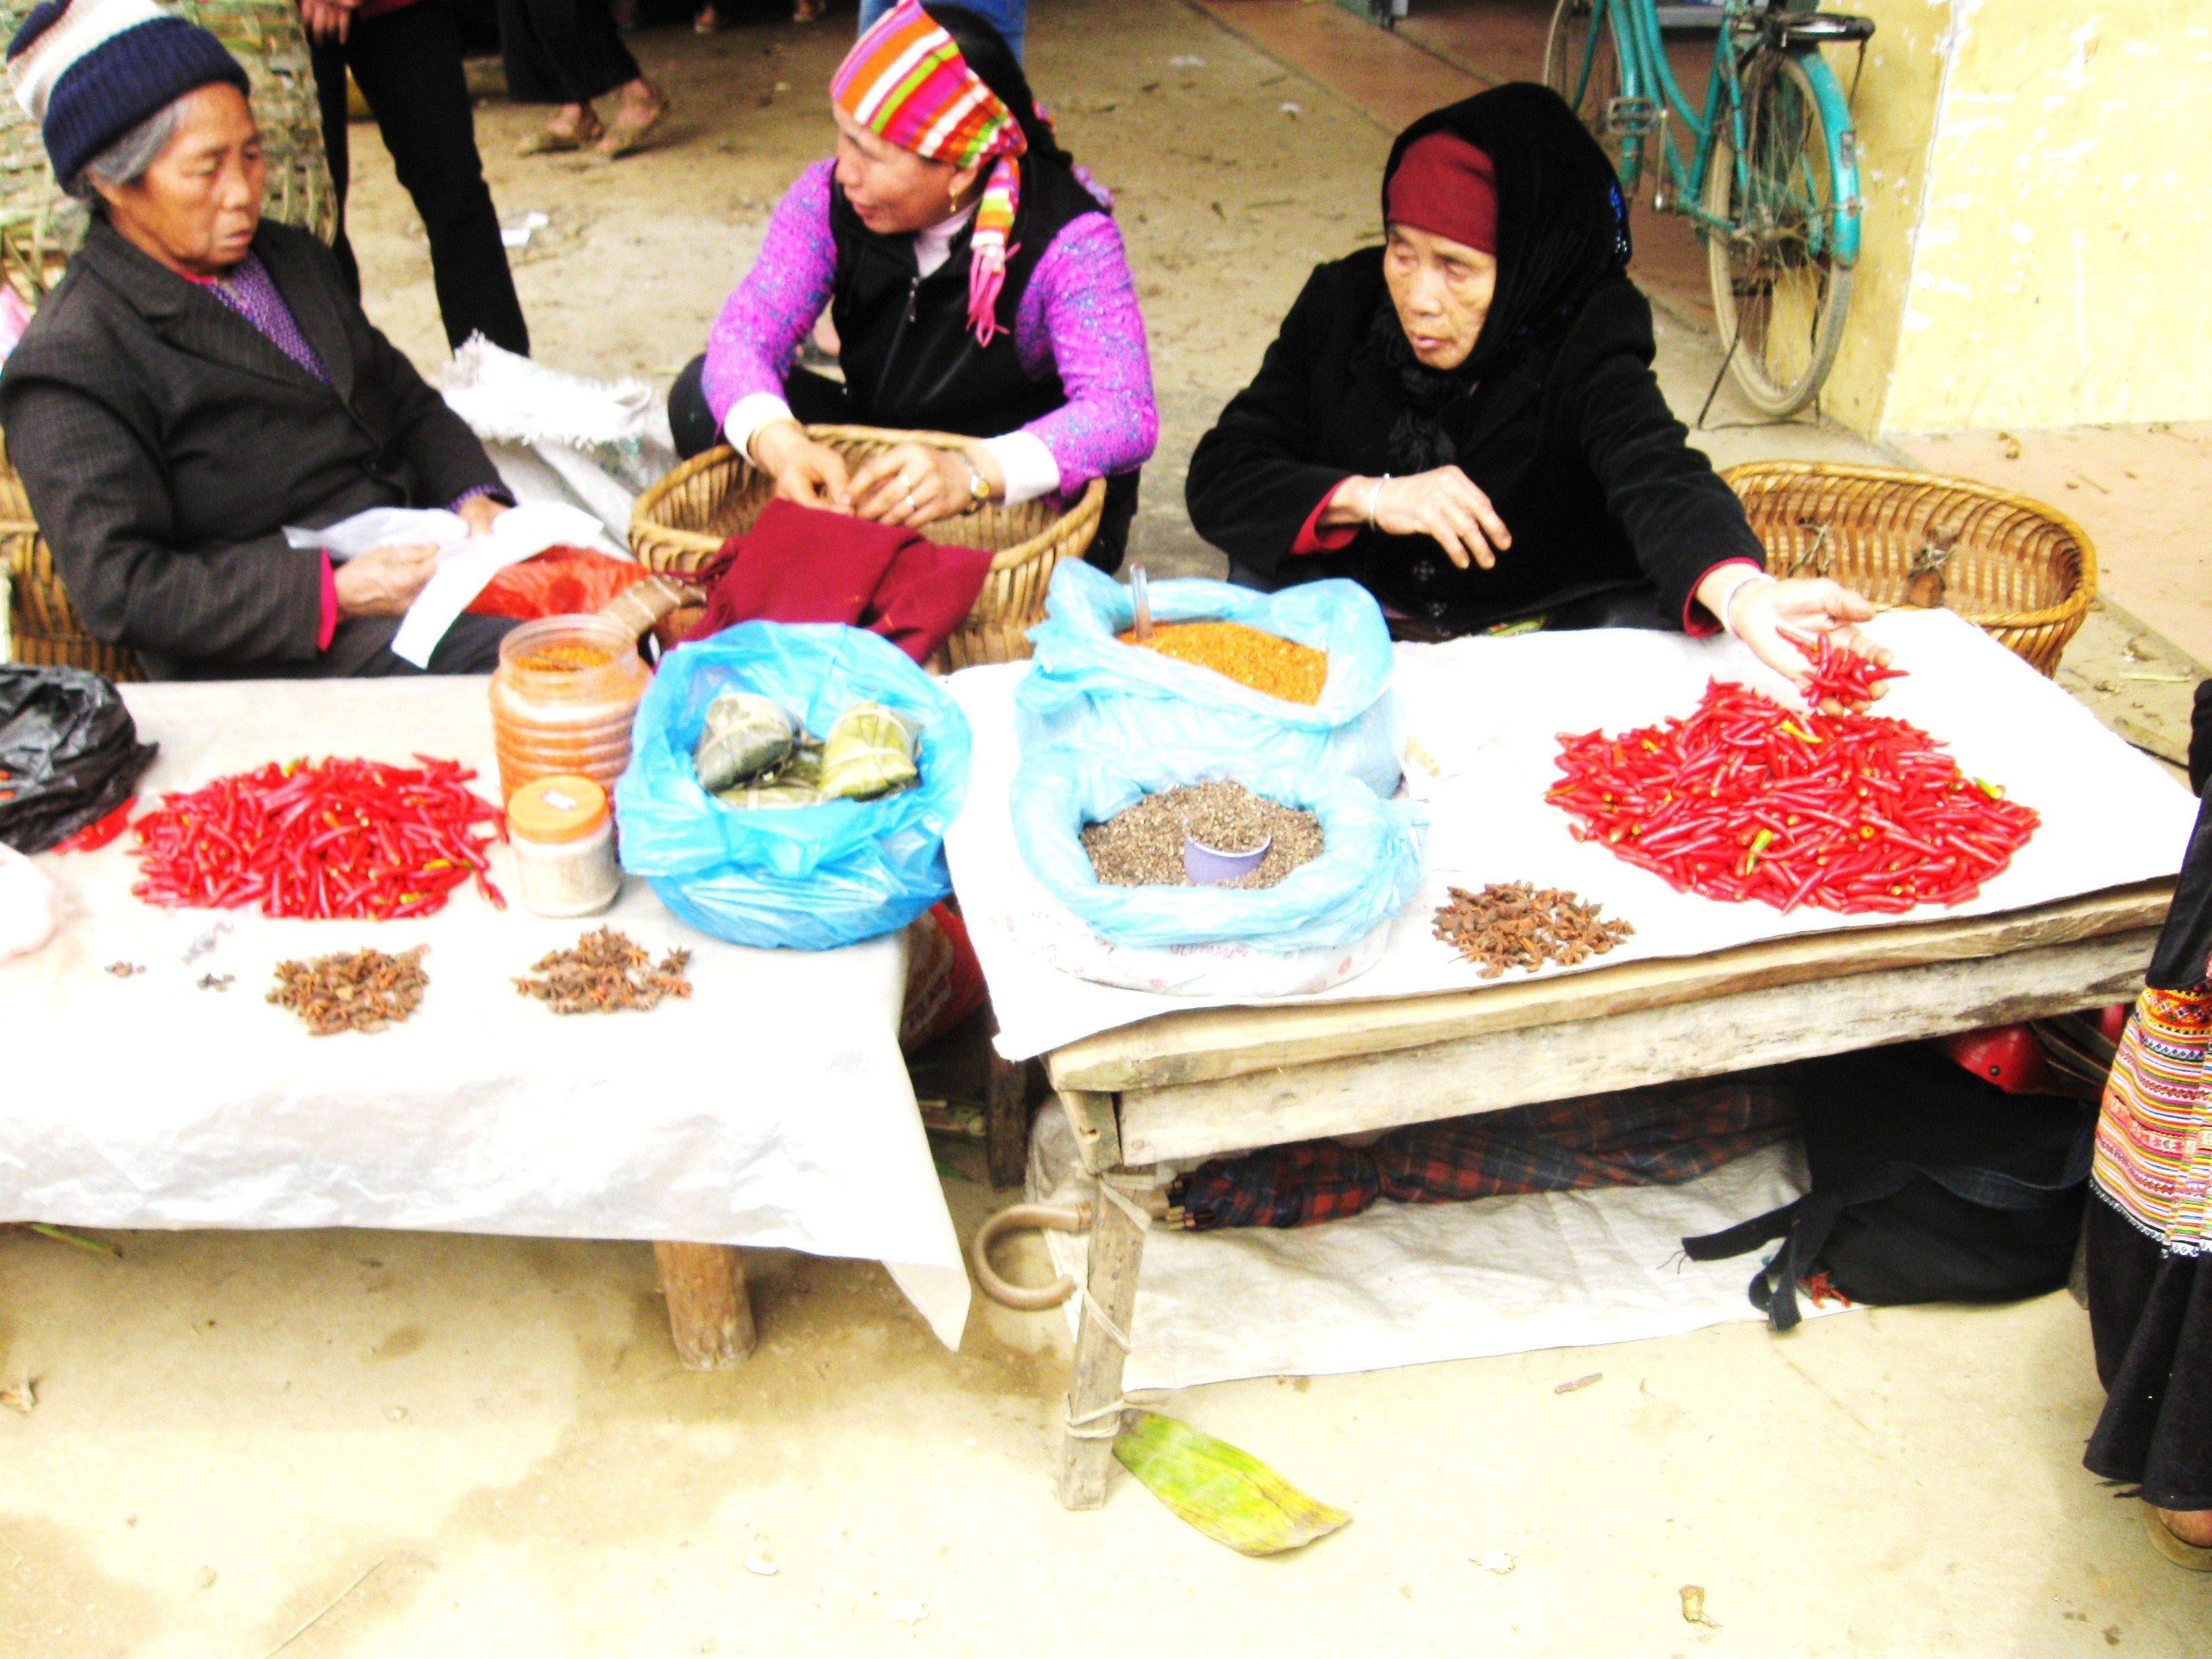 Chillies for sale, Bac Ha Markets, Vietnam